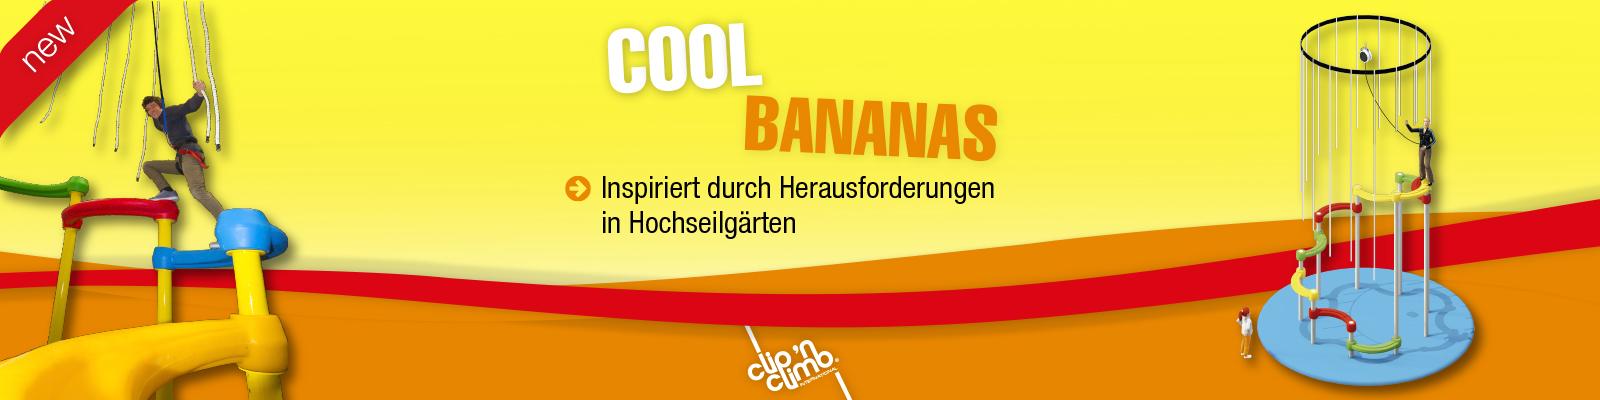 DE_COOLBANANAS_Website_1600x400px